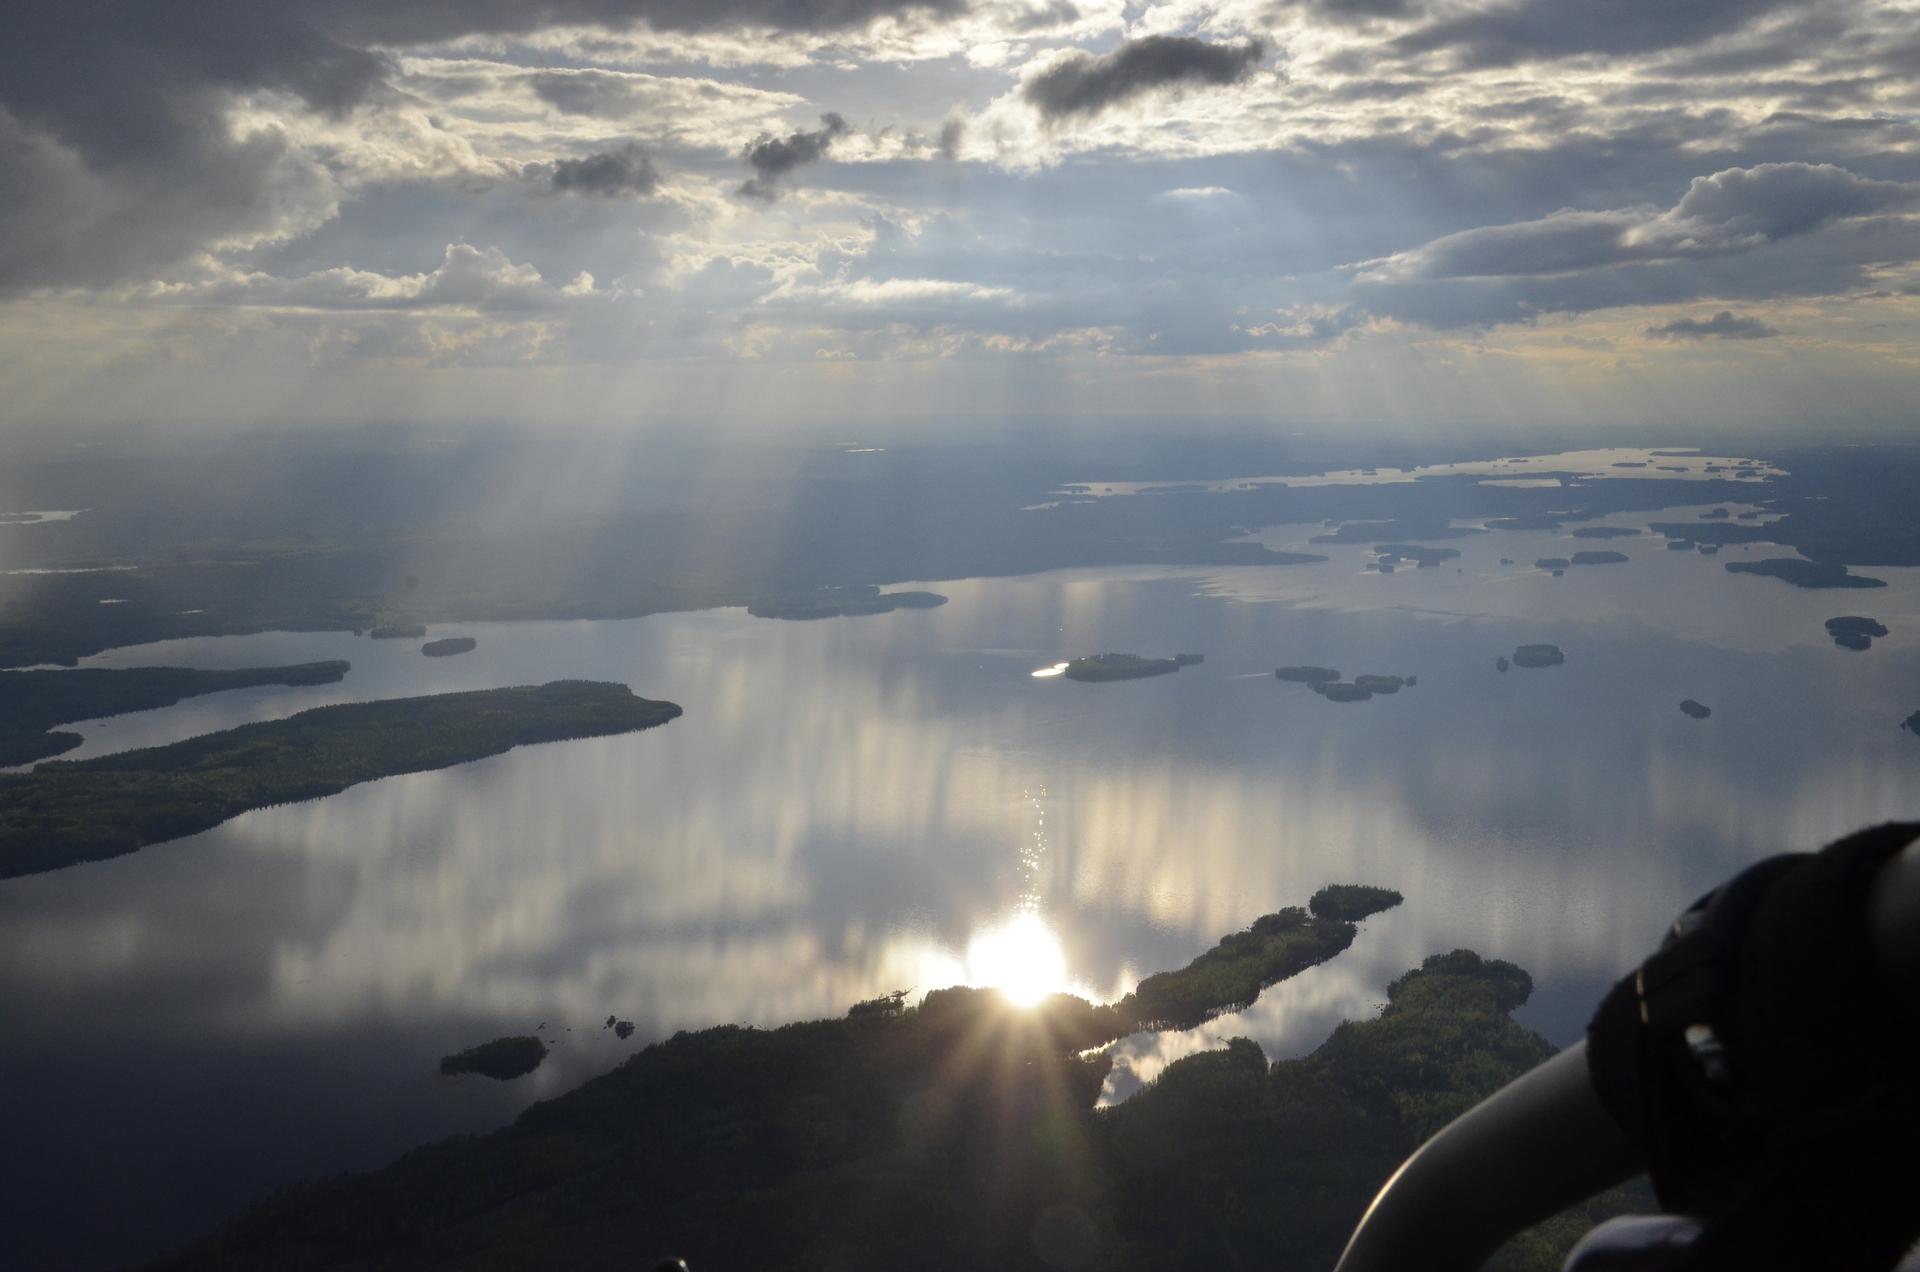 10.6.2017 Hieman korkeammalla lennolla.